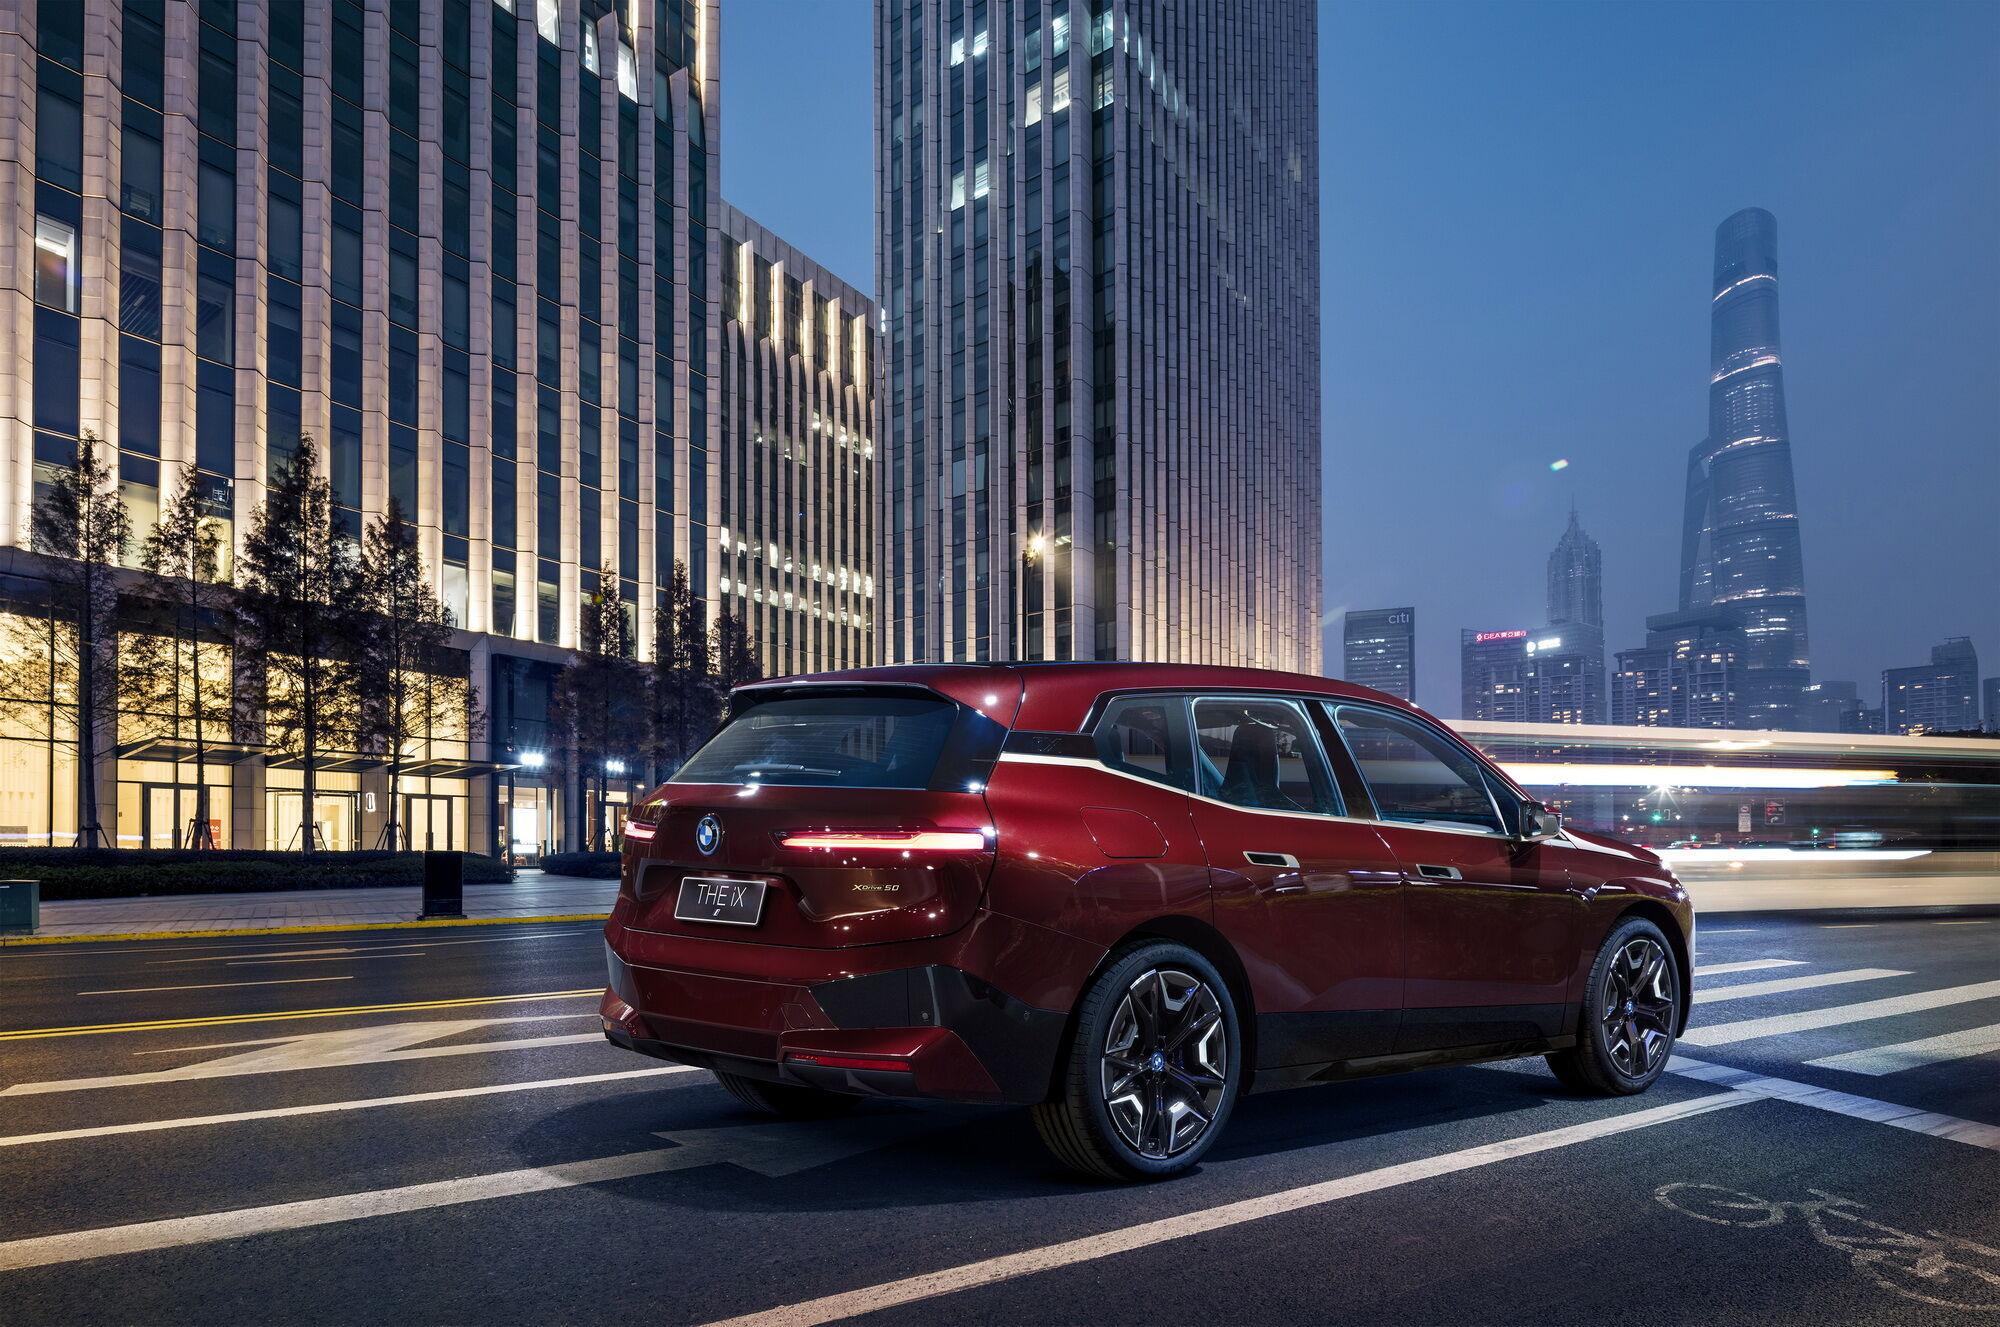 При довжині близько 4,9 м електромобіль майже не відрізняється за своїми розмірами від BMW X5